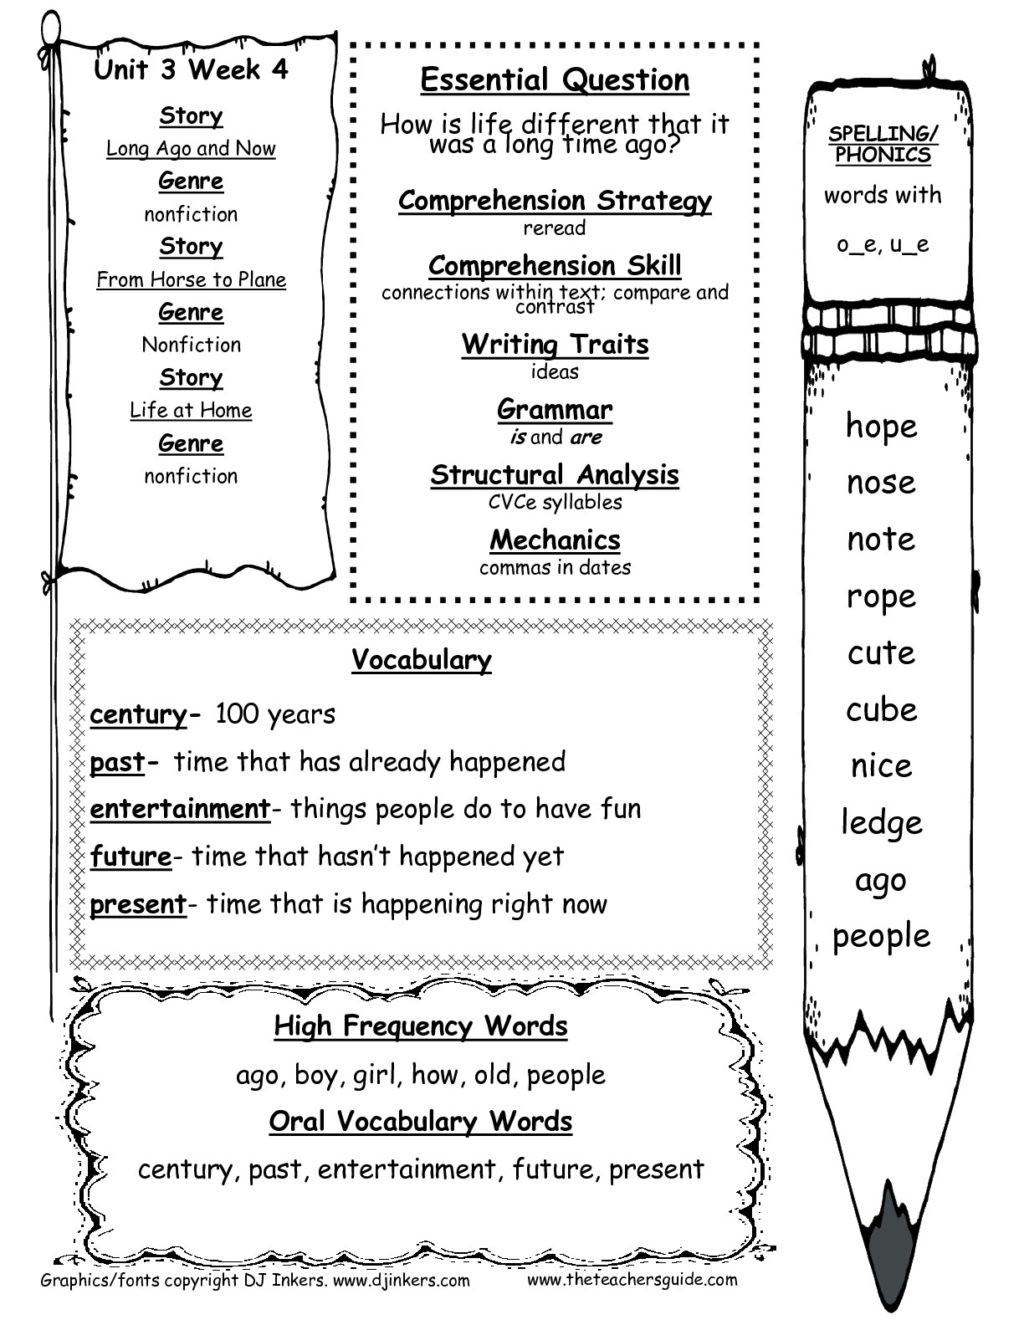 Free 1st Grade Comprehension Worksheets Free Printable Worksheets Reading Prehension 1st Grade لم